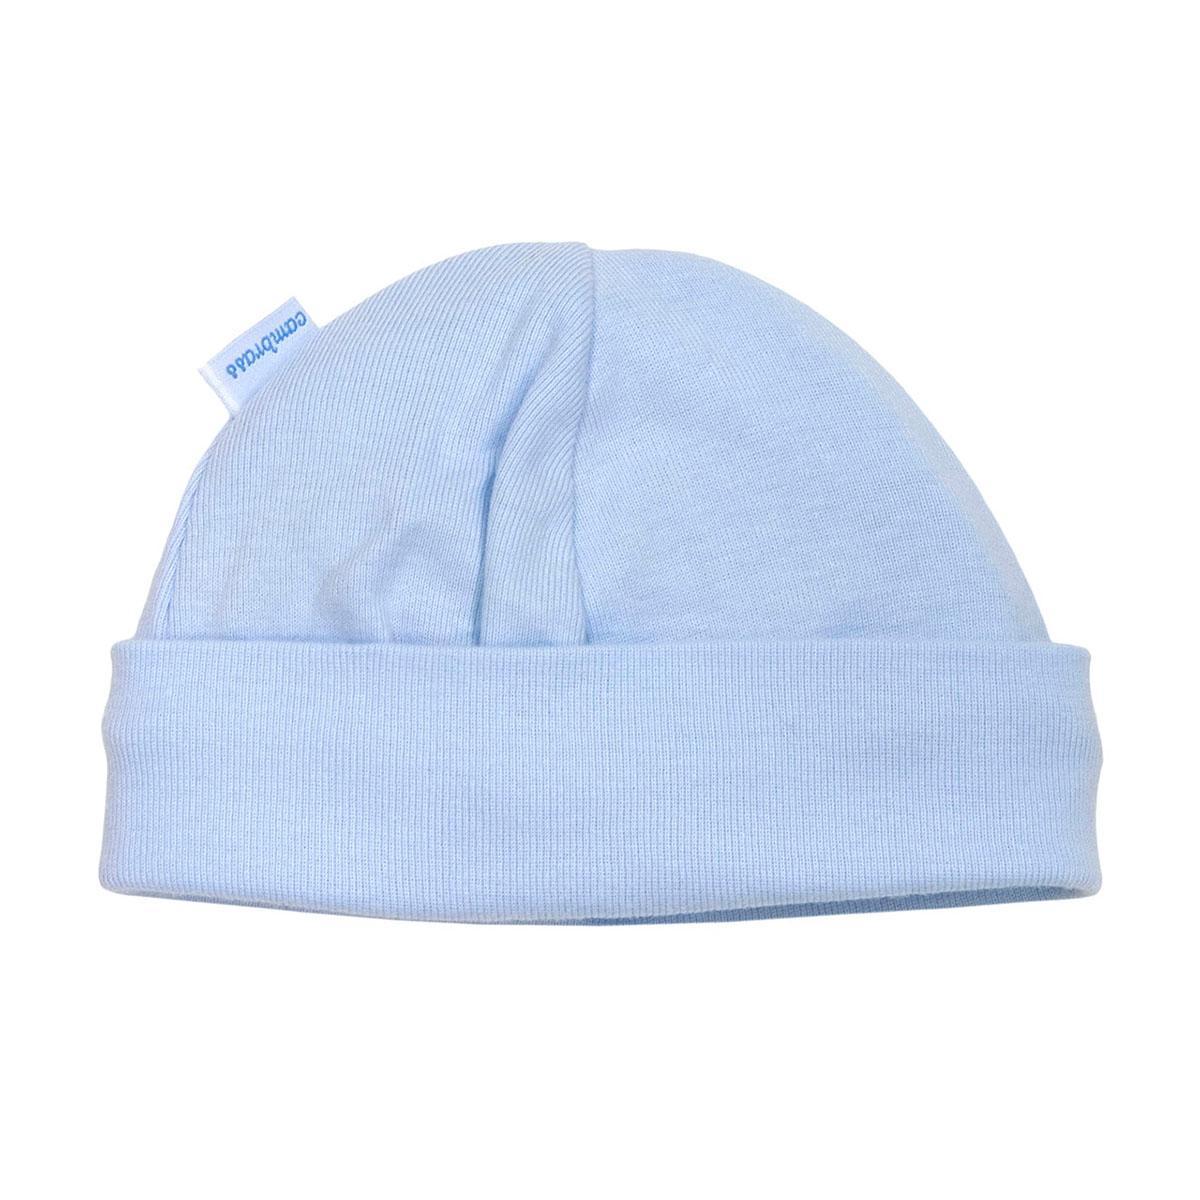 Cambrass 12894 - Gorro de tricot para recién nacidos, talla 52 cm ...